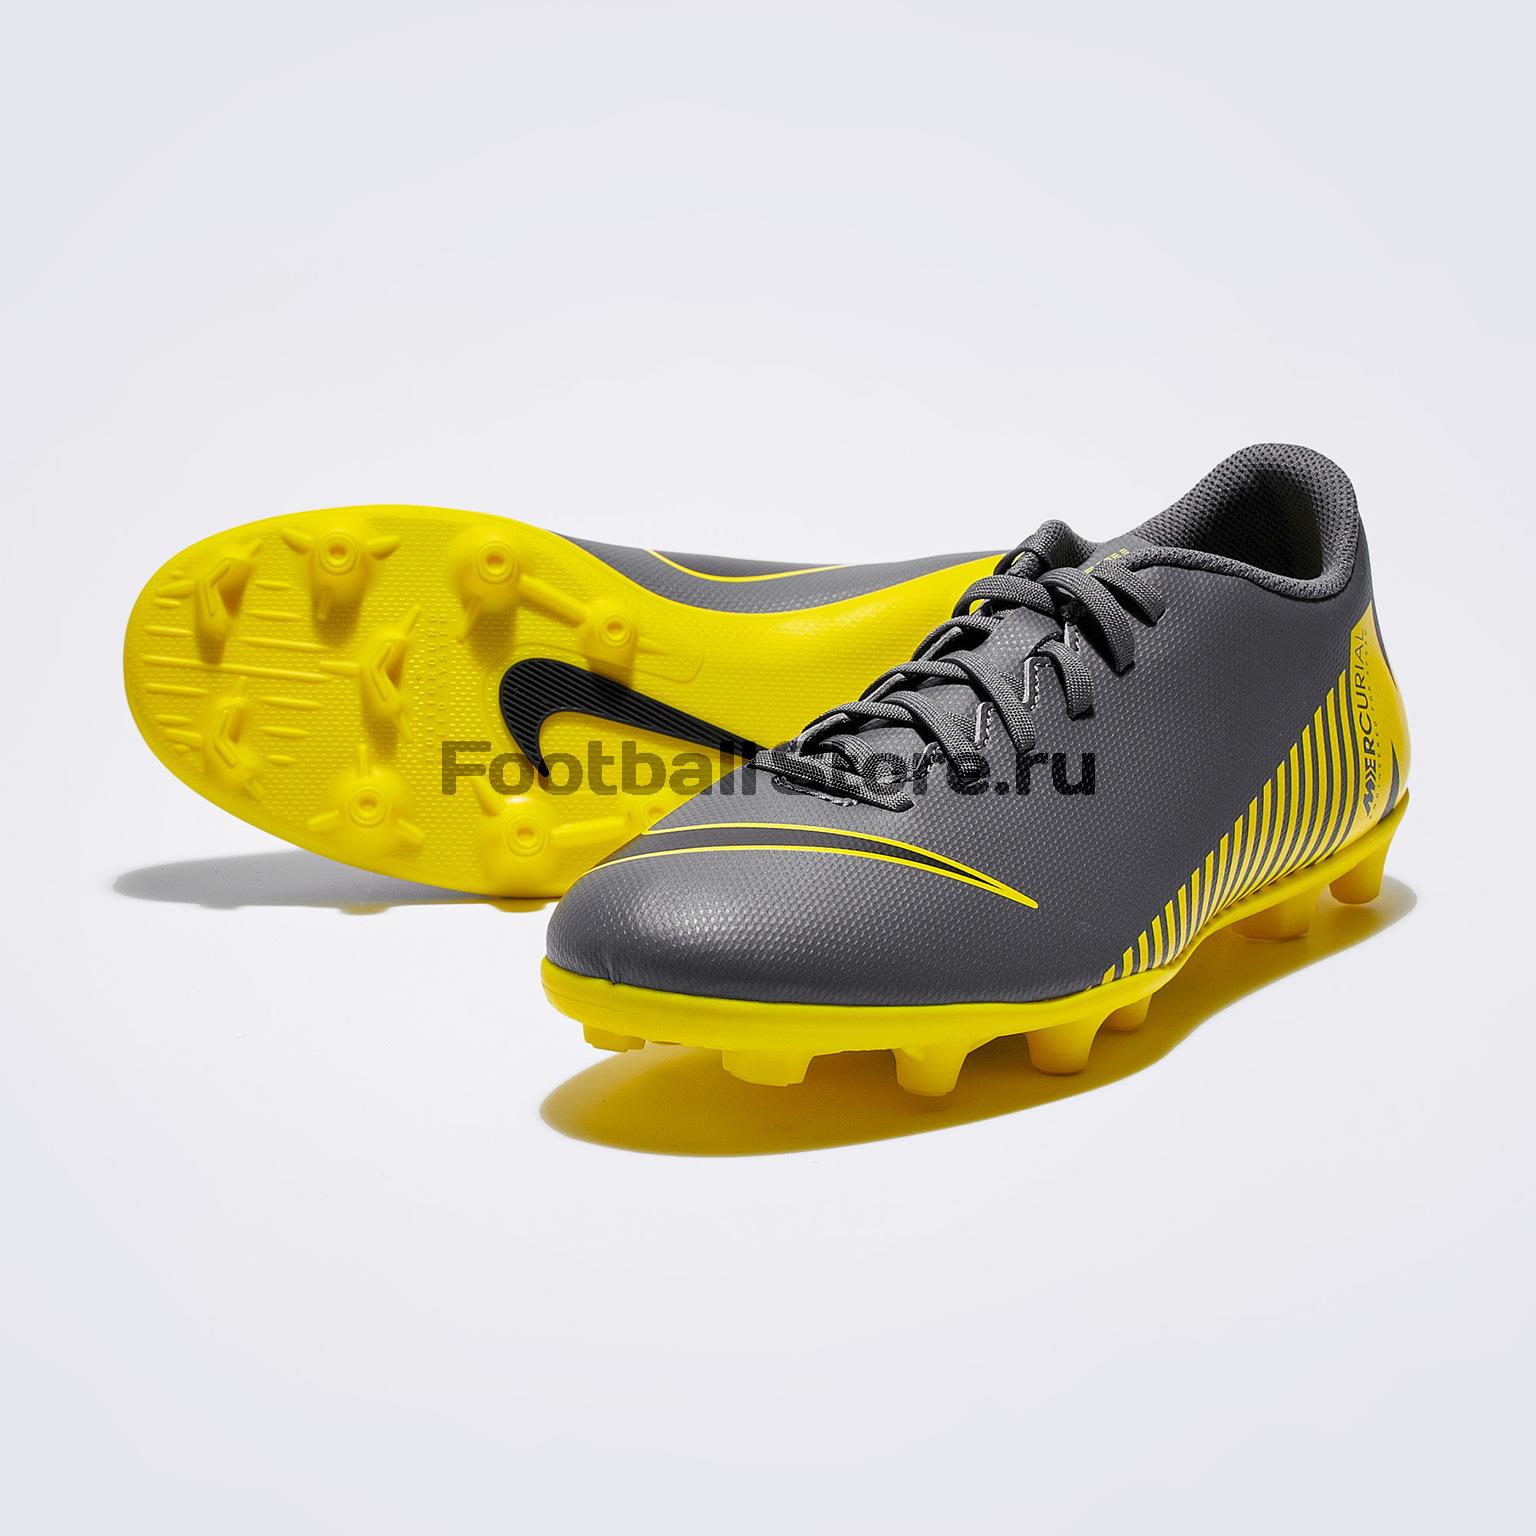 Бутсы Nike Vapor 12 Club FG/MG AH7378-070 бутсы nike mercurial victory iv fg